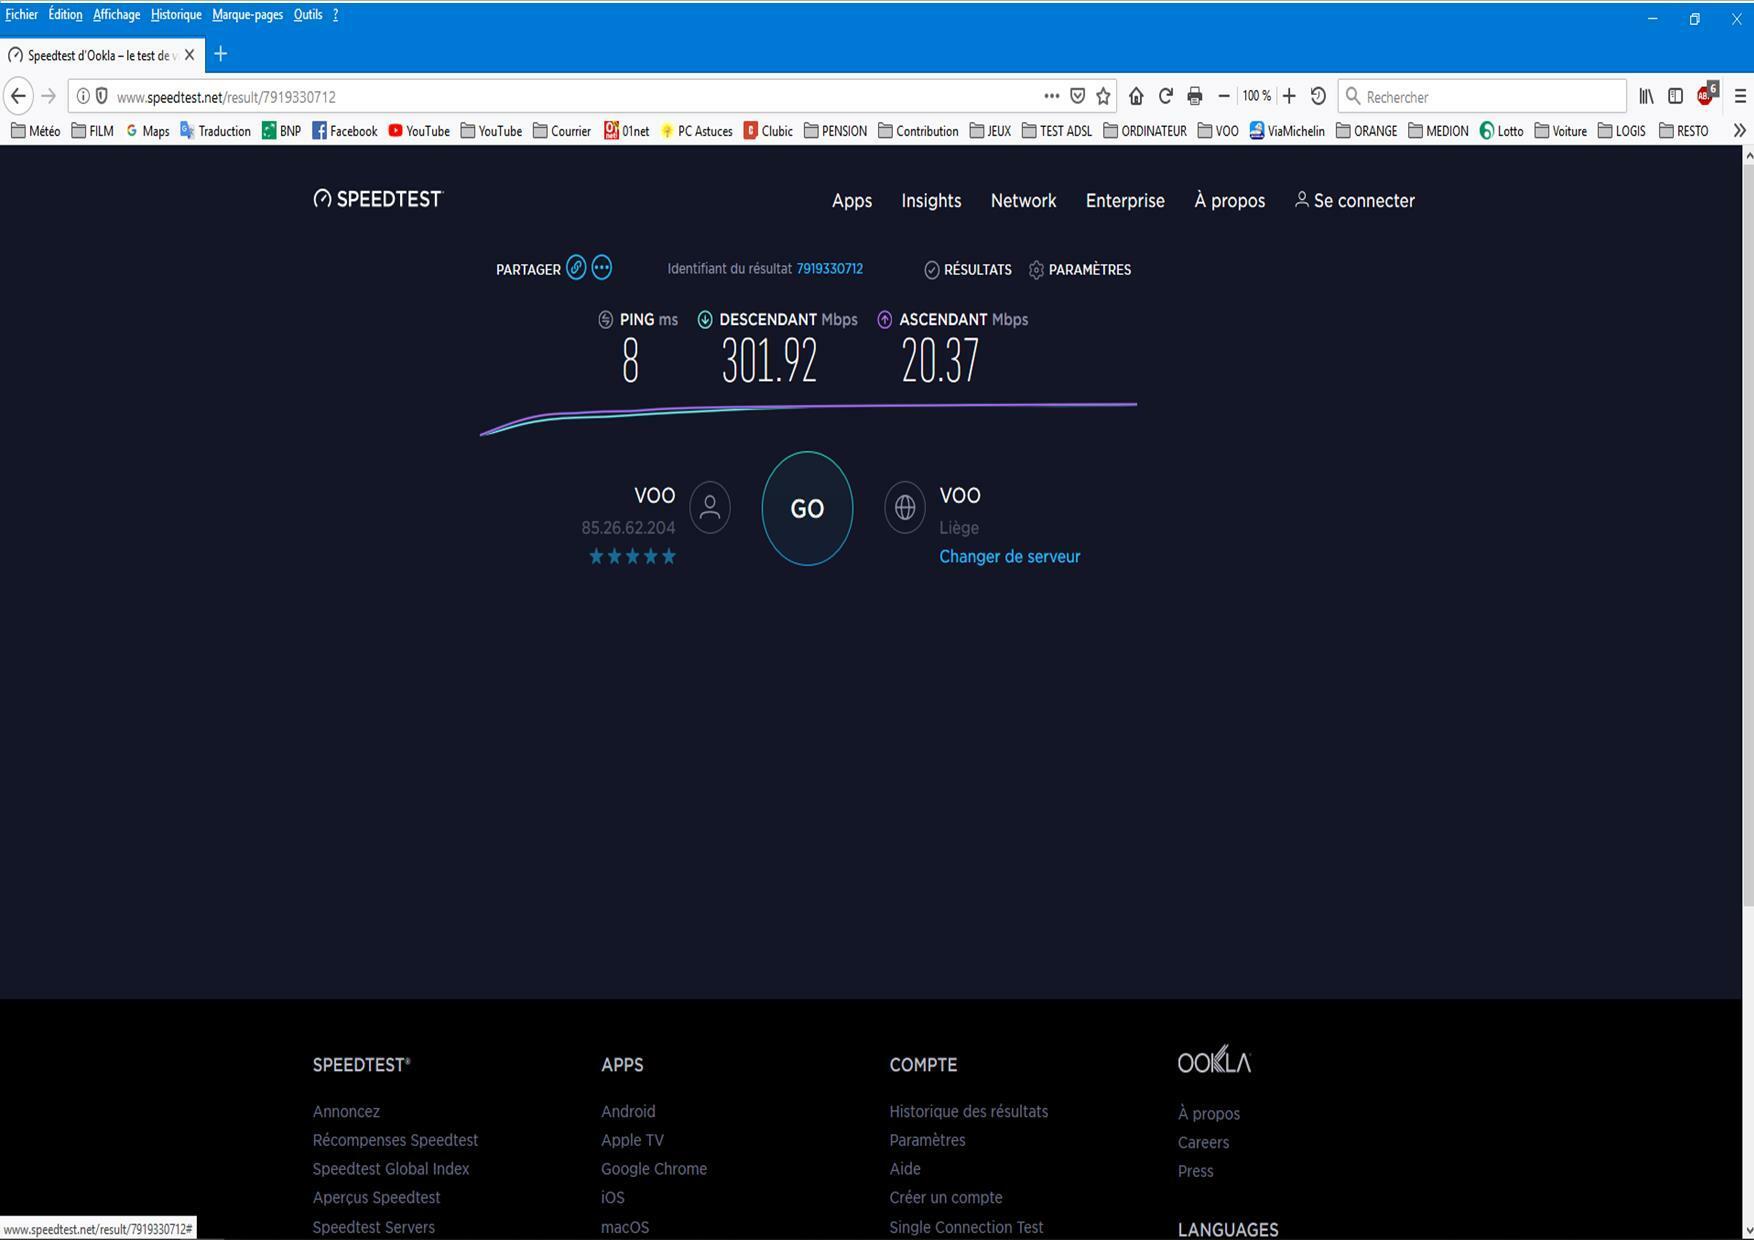 Instabilité de la vitesse internet malgré les 400 Mbps ...